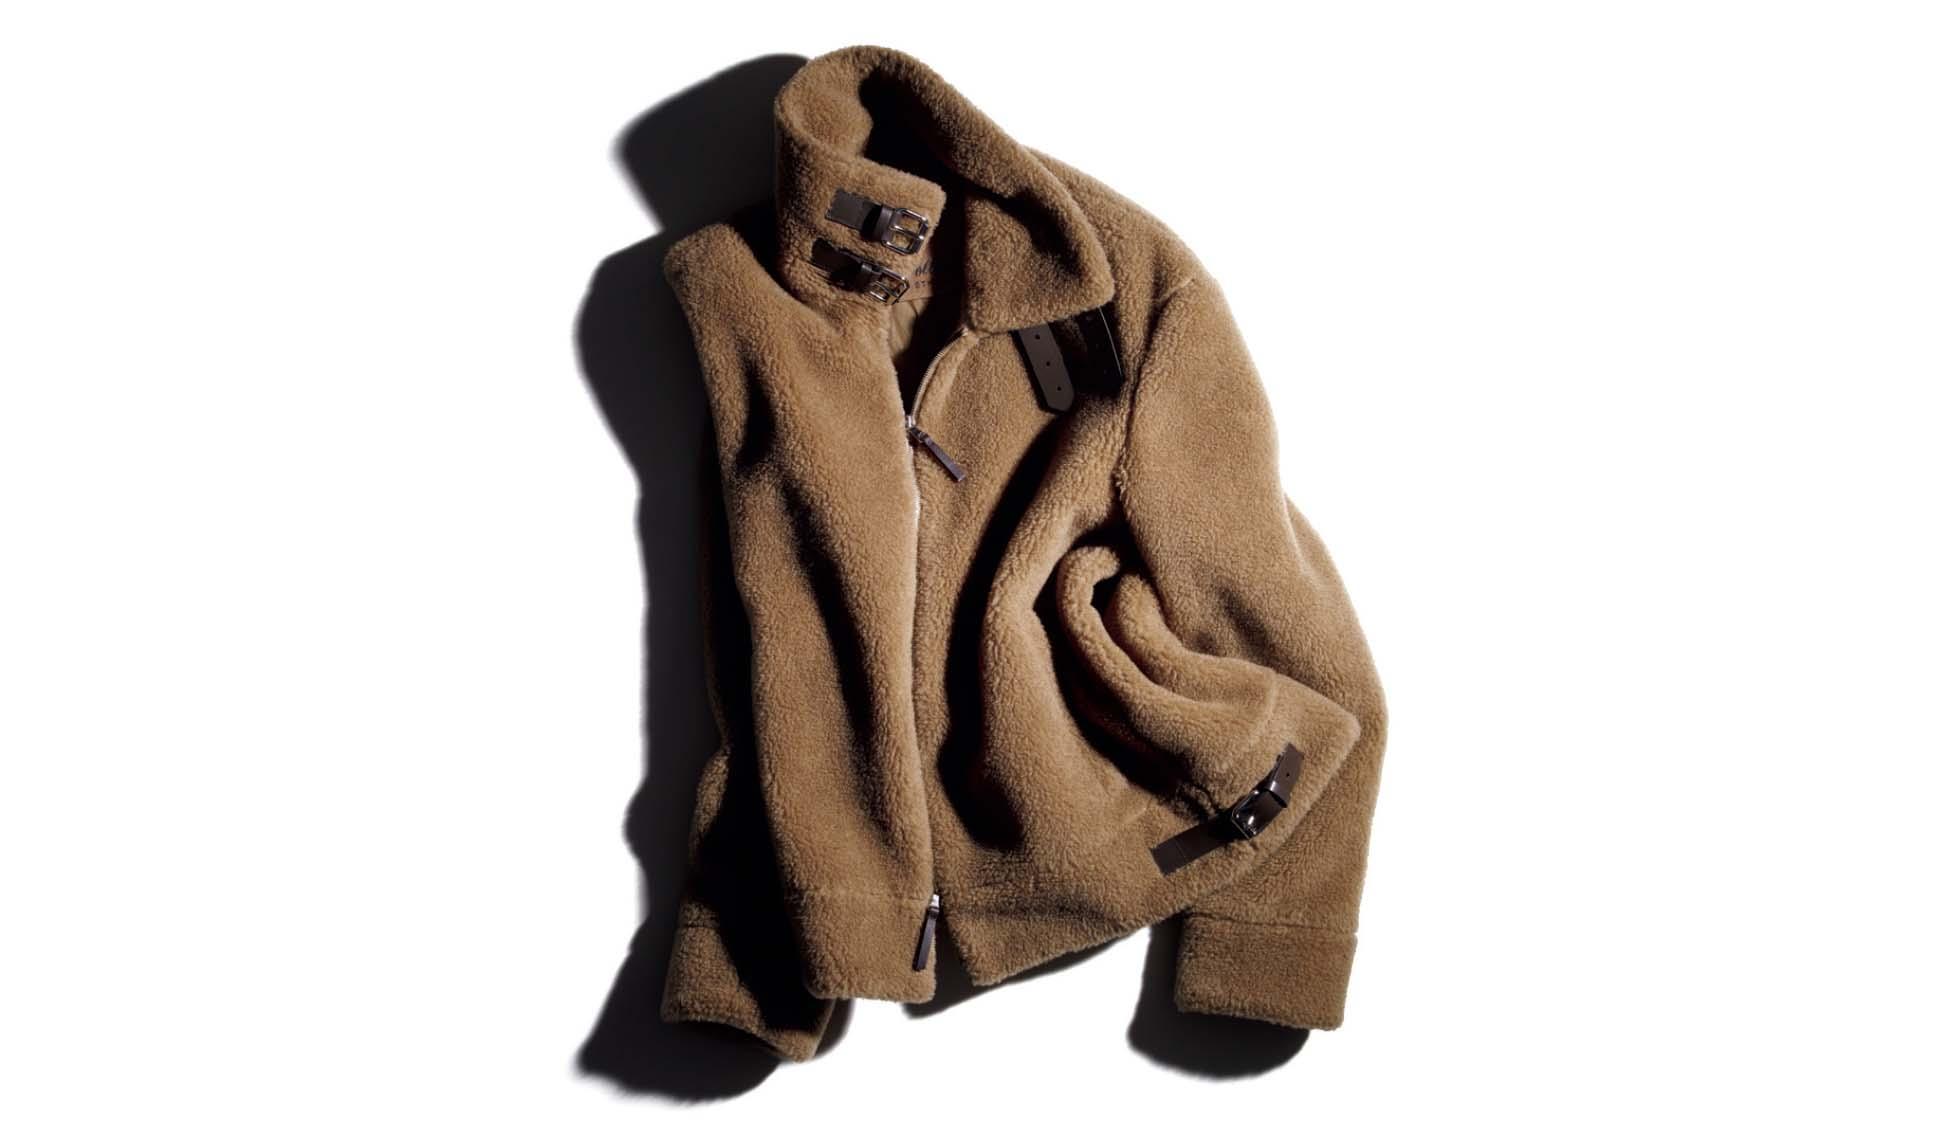 ソレシティのボンバージャケット